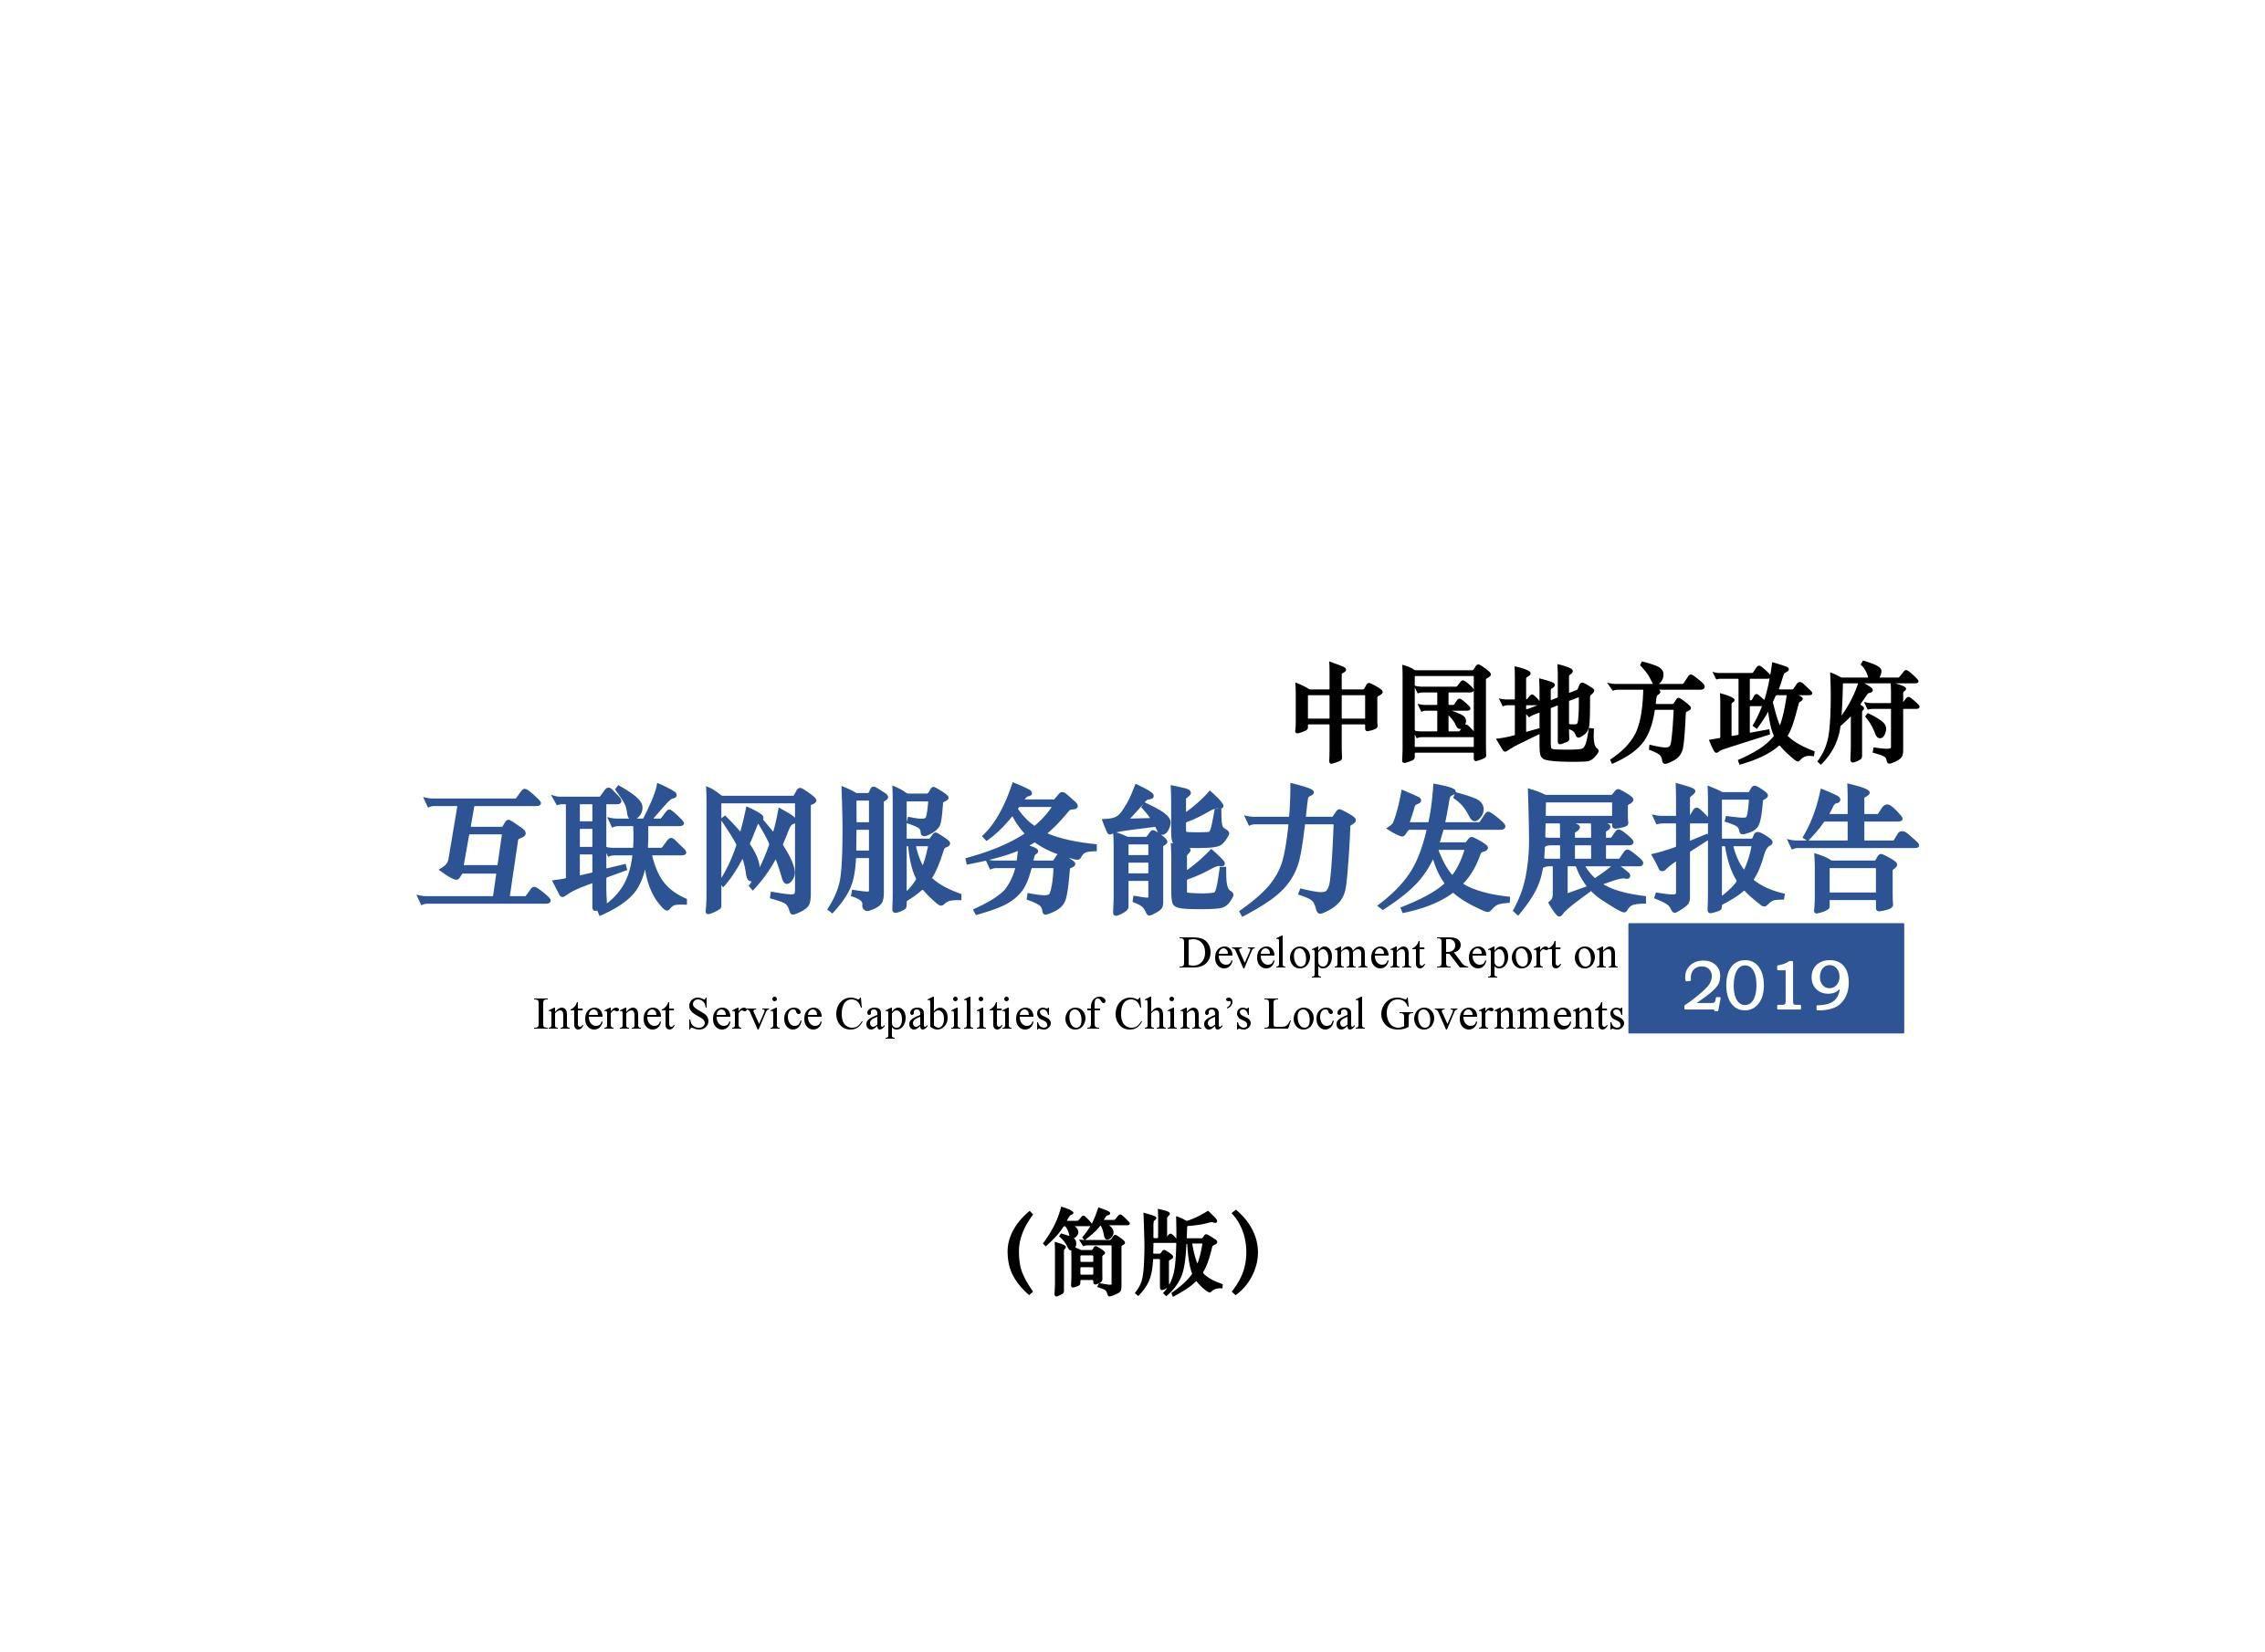 2019中国地方政府互联网服务能力发展报告(内附完整下载)